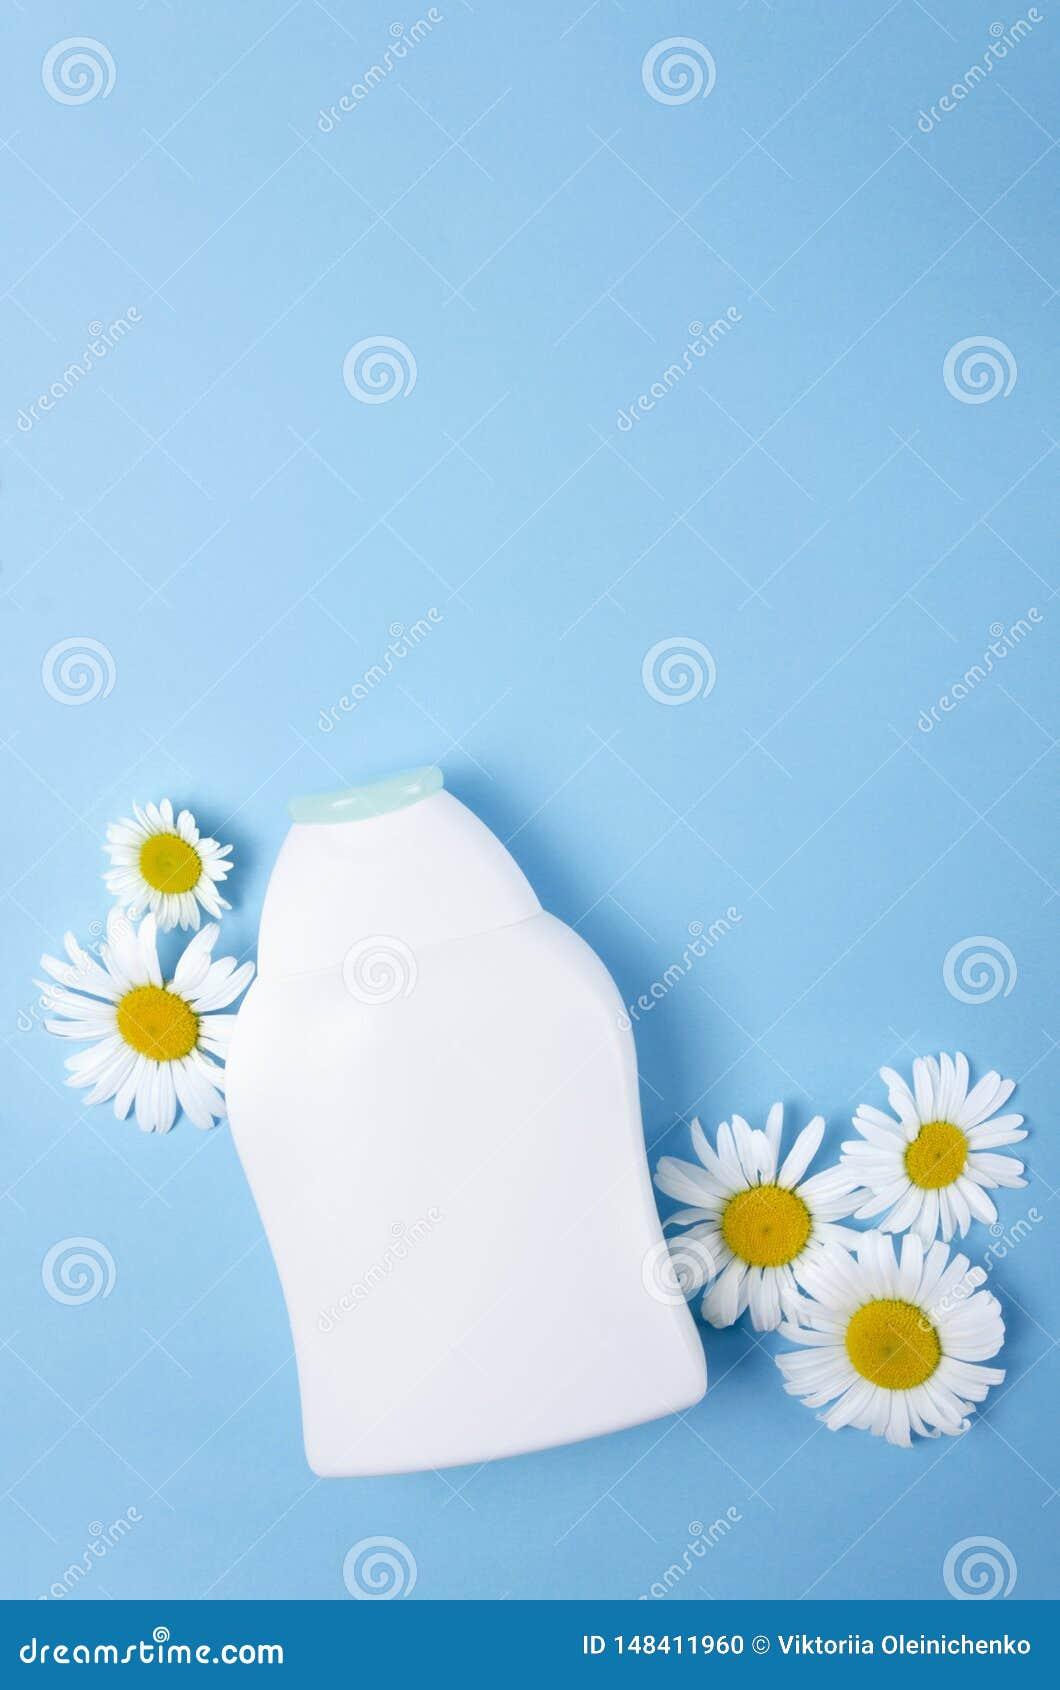 Tiro vertical da garrafa pl?stica branca e das flores brancas no fundo vazio azul, espa?o vazio para o projeto